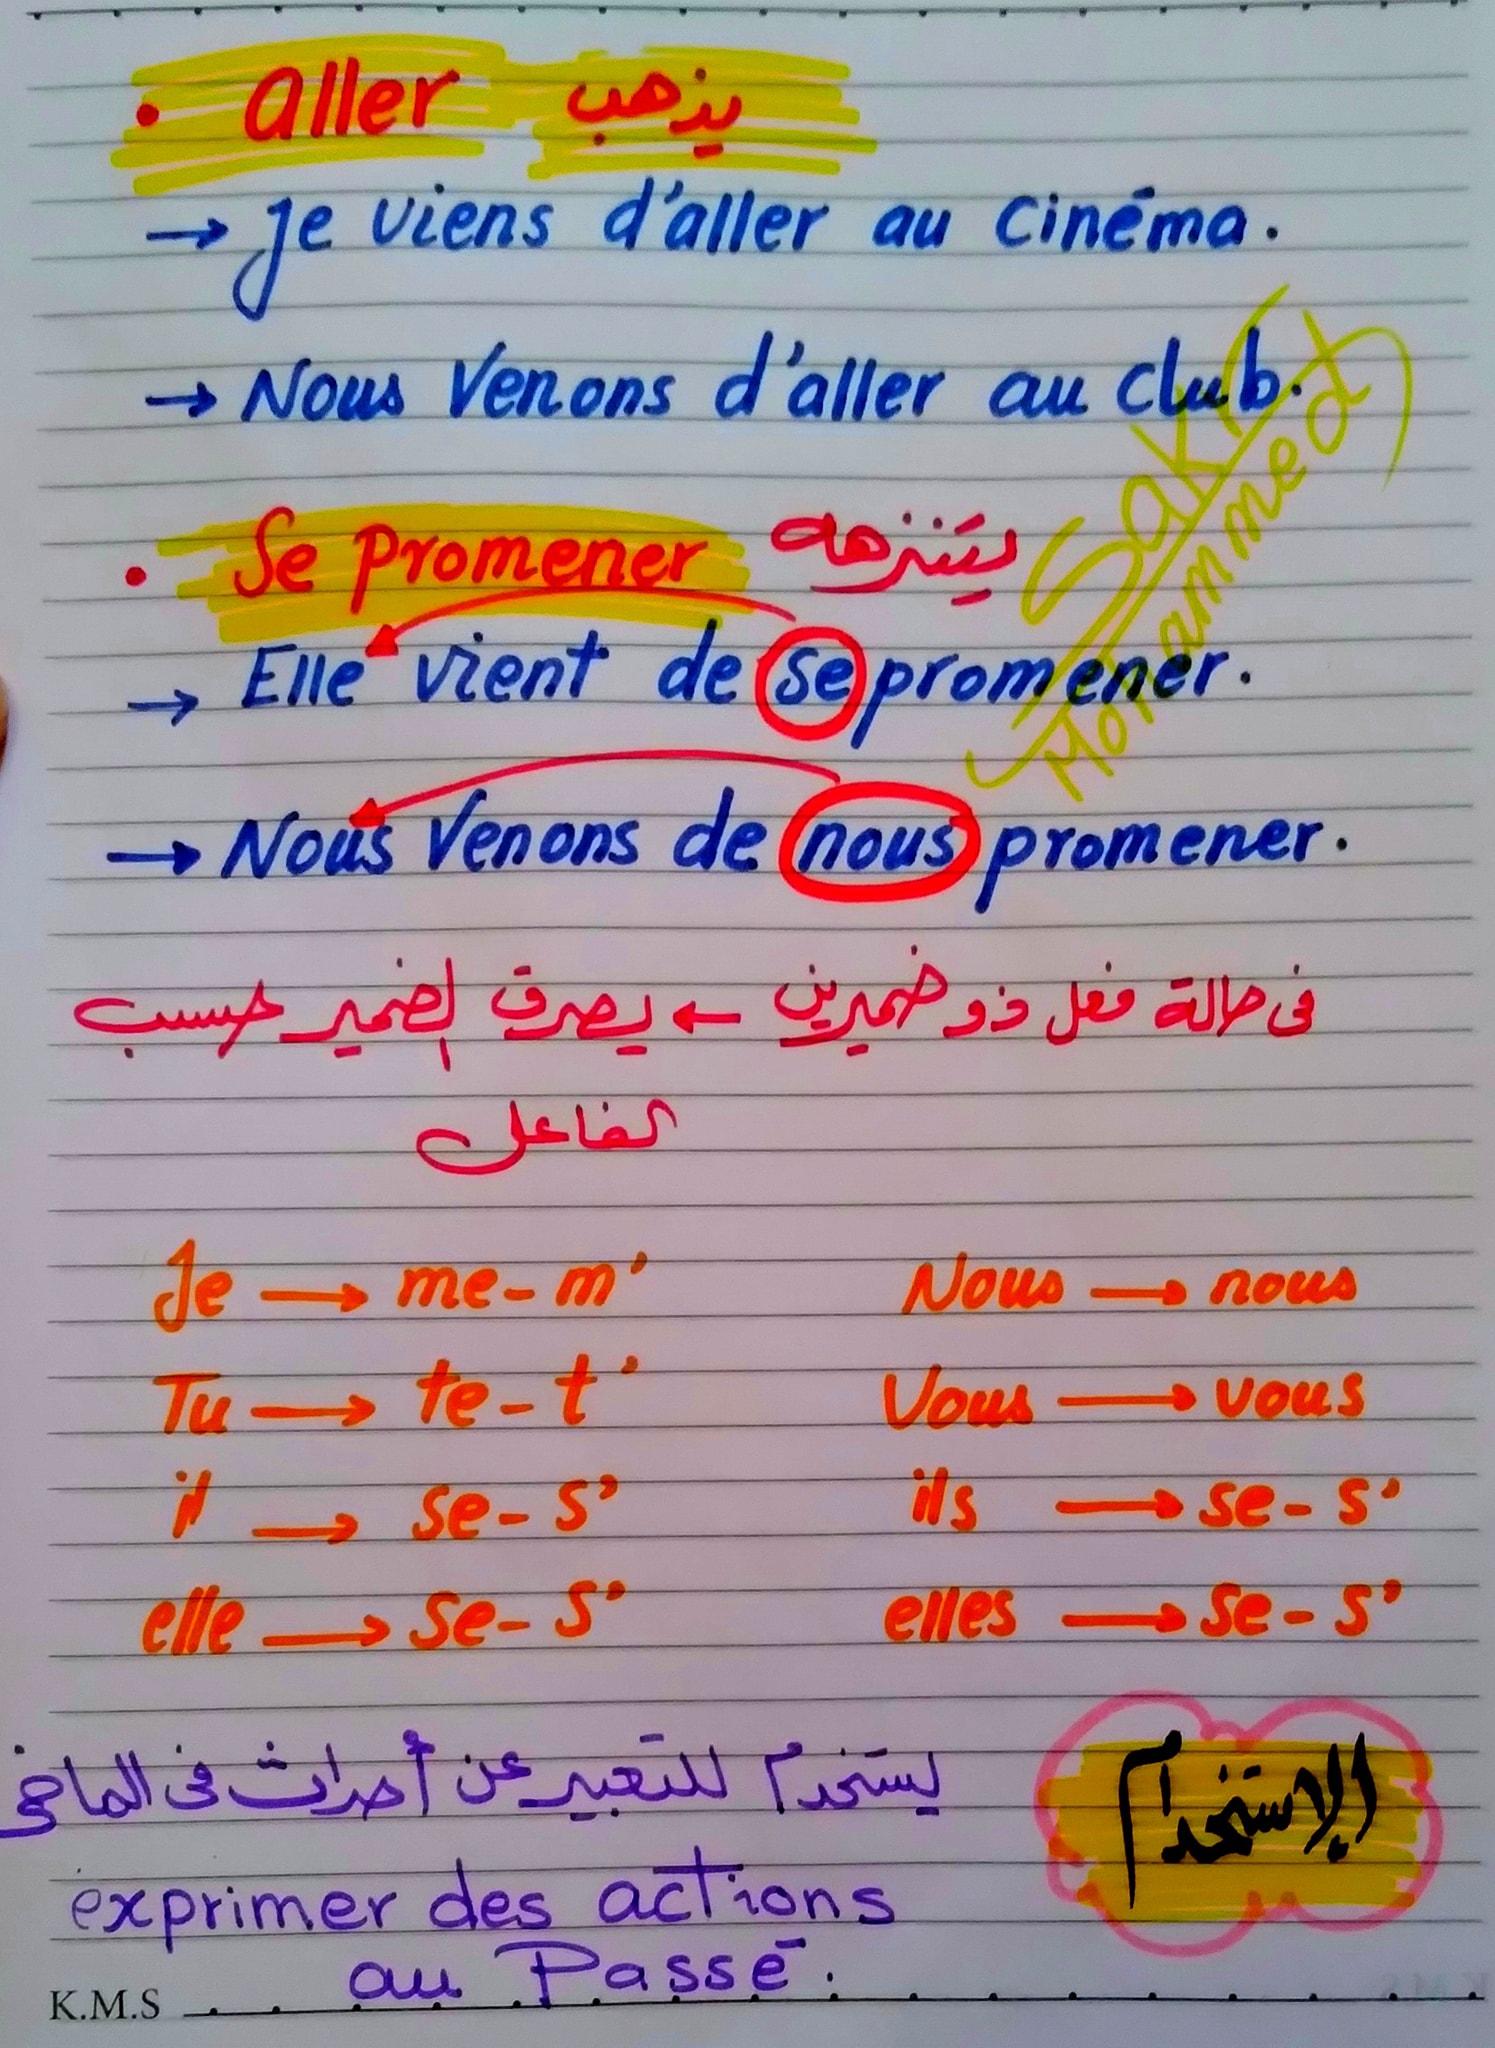 مراجعة لغة فرنسية للصف الثانى الثانوى ترم ثاني مسيو محمد رمضان 9